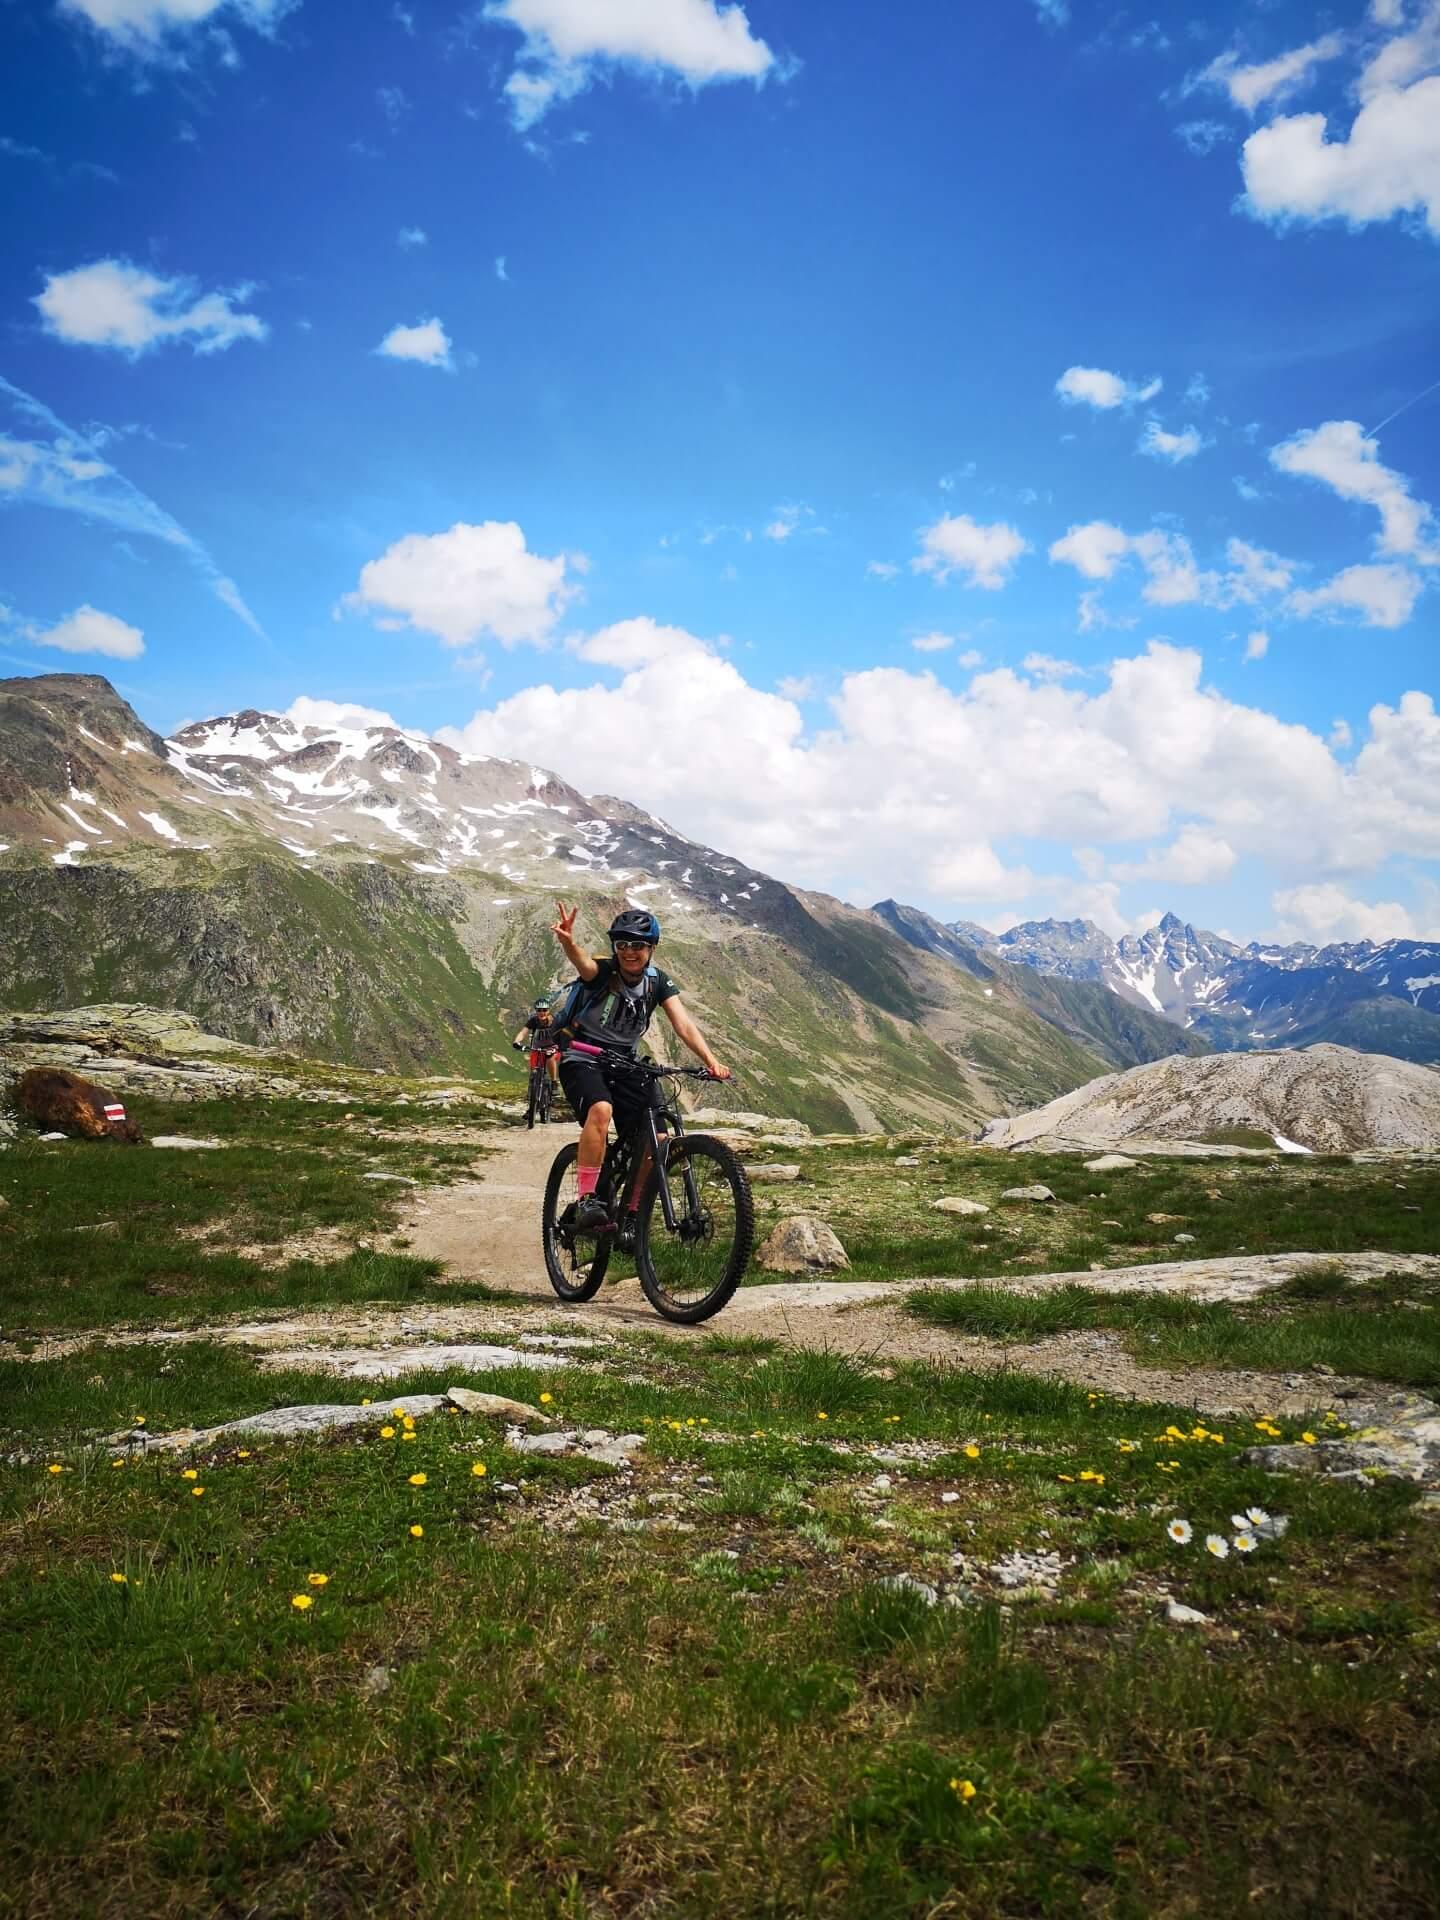 Schöne Aussichten für Mountainbikerinnen - Das Bike-Camp «GIRLSRIDETOO.DE